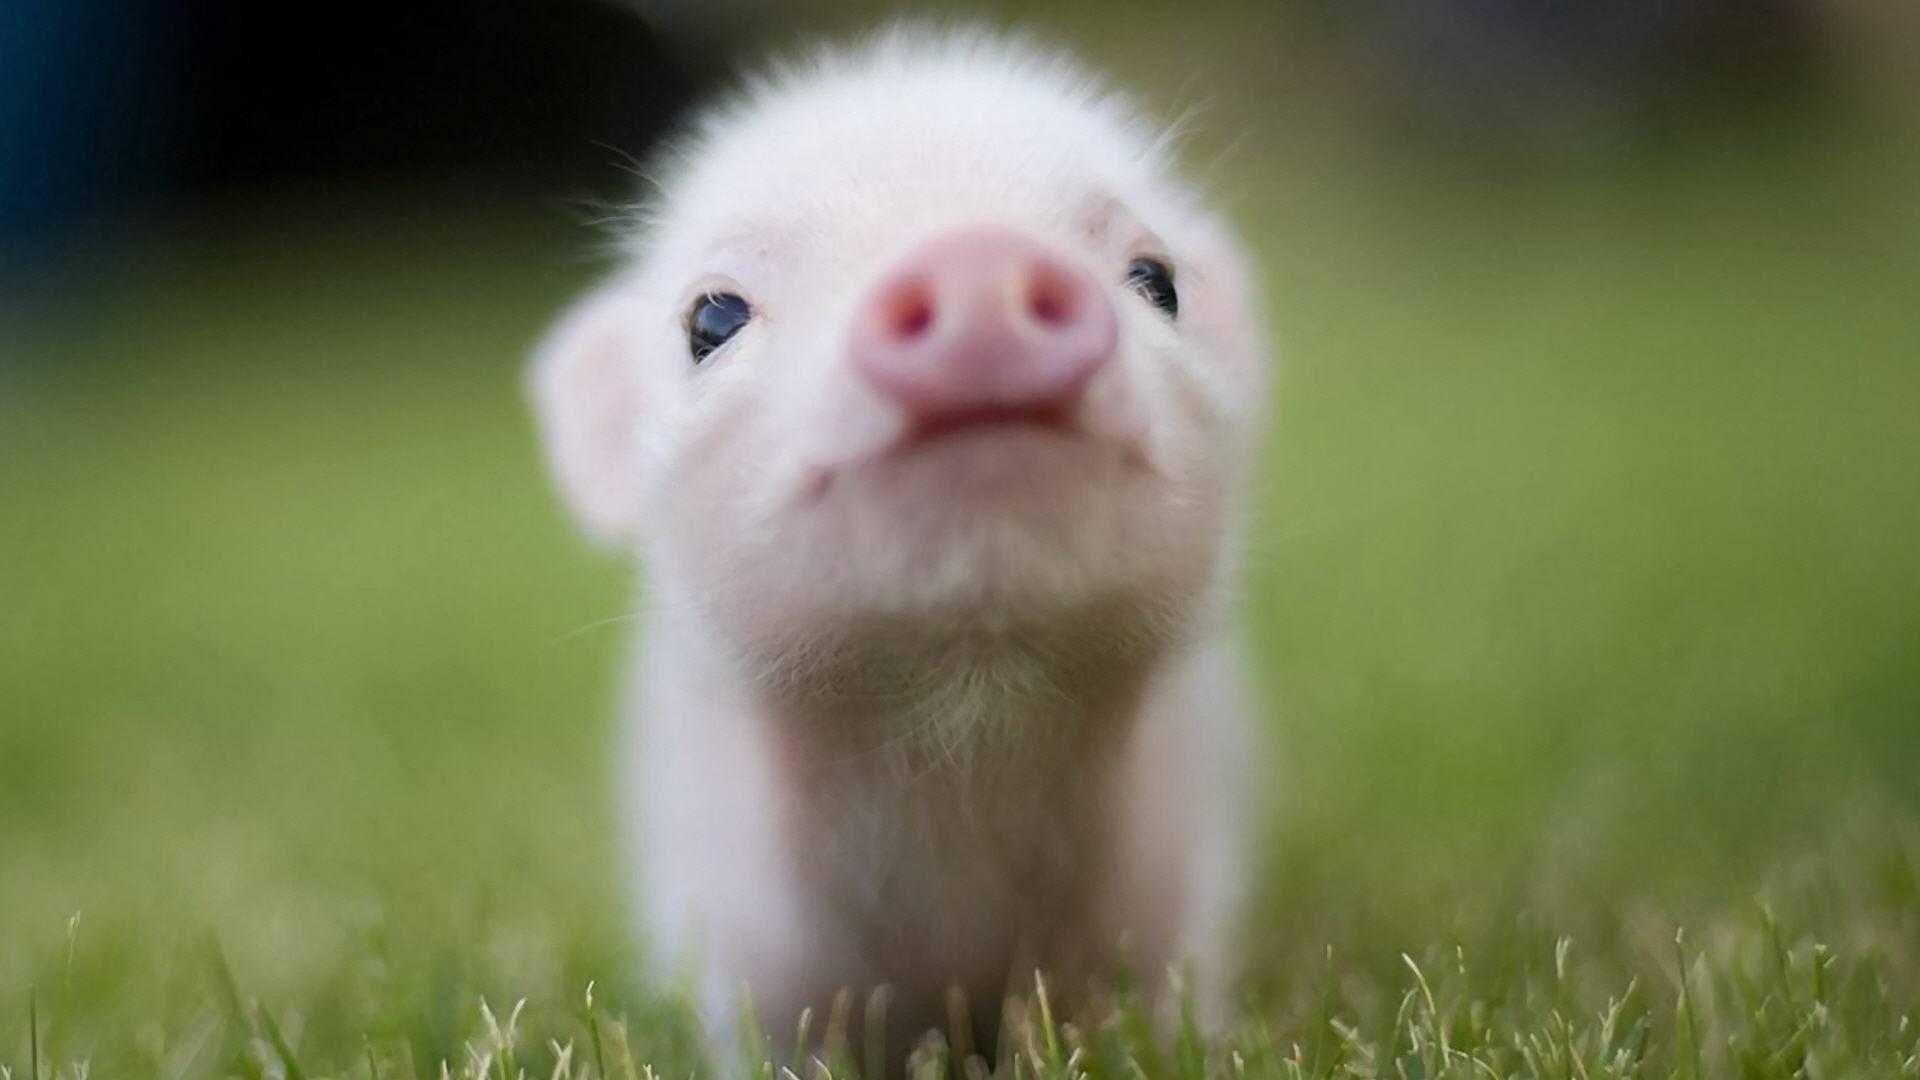 48058-animal-lovers-cute-pig